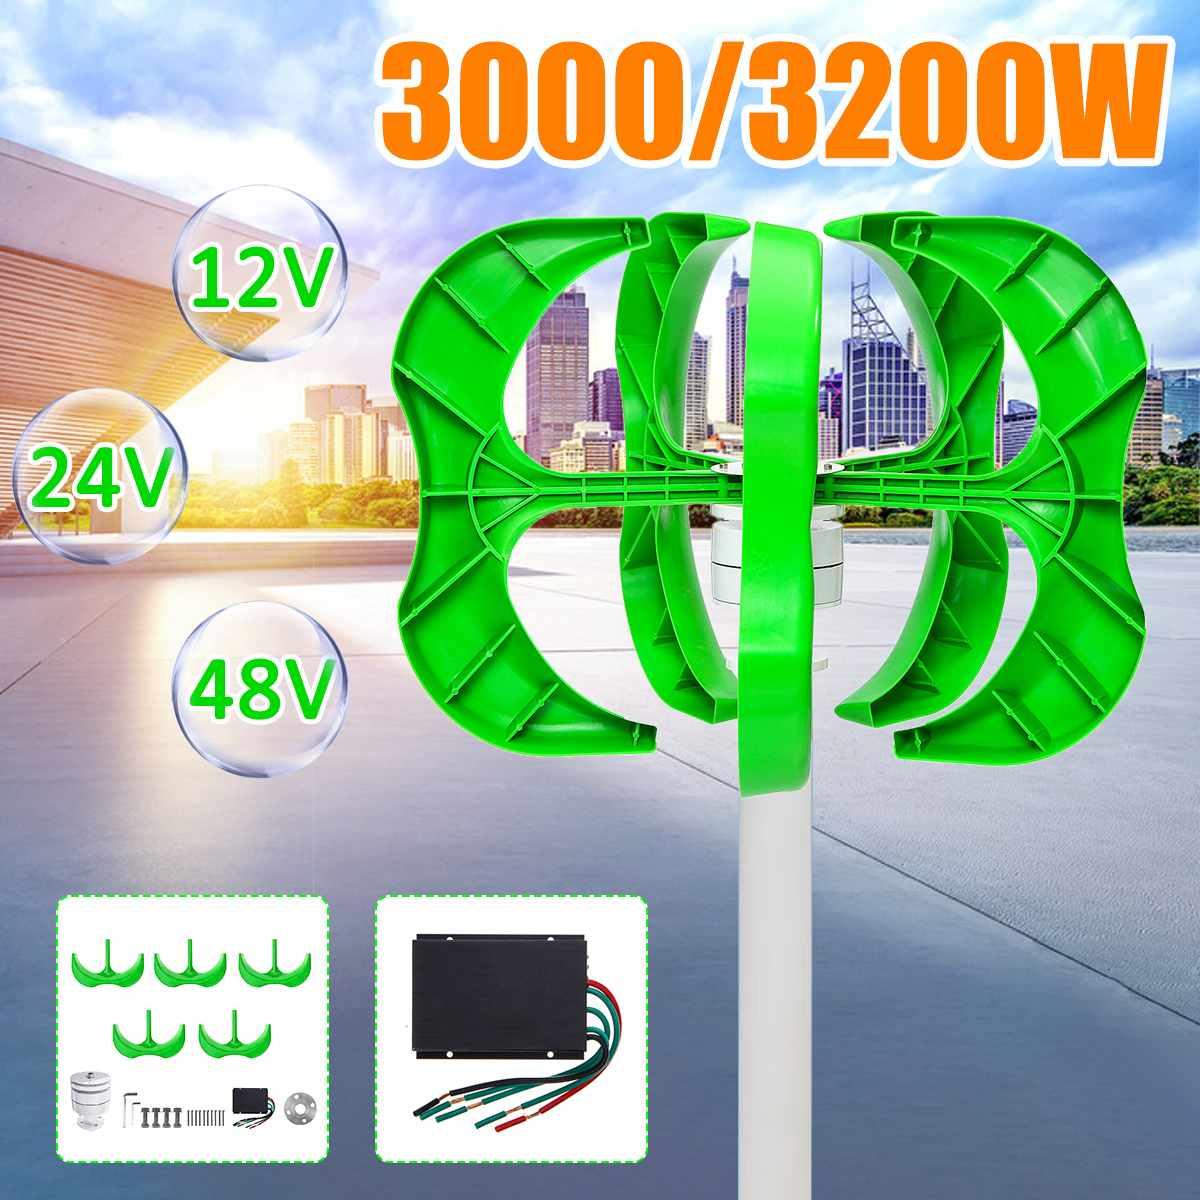 3200 W/3000 W Gerador de Energia Eólica 12/24/48V 5 Lâminas gerador Lanterna turbinas de vento Vertical streetlight + Controlador de eixo Para Uso Doméstico